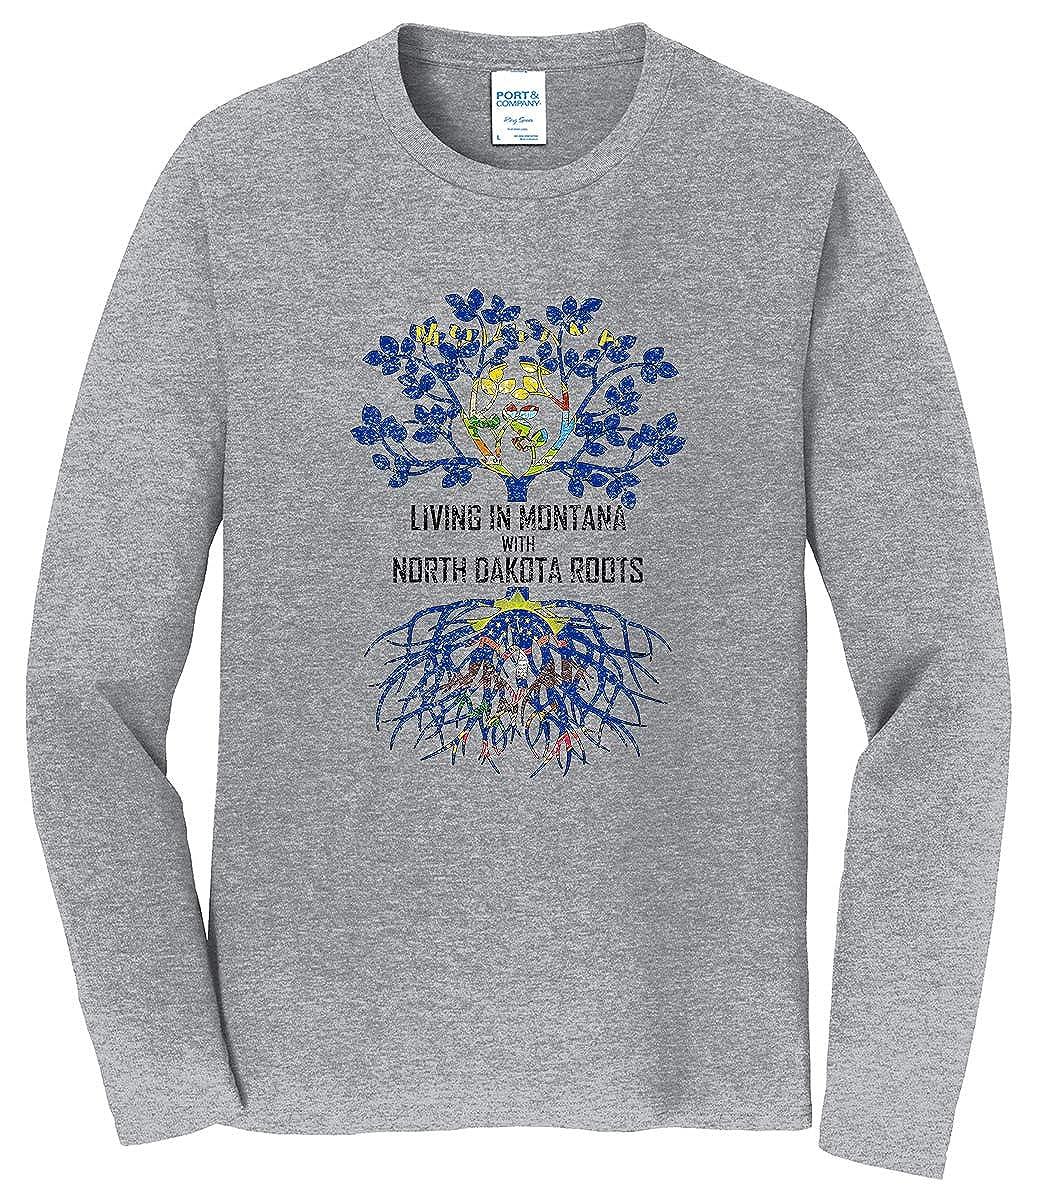 Tenacitee Mens Living in Montana North Dakota Roots T-Shirt